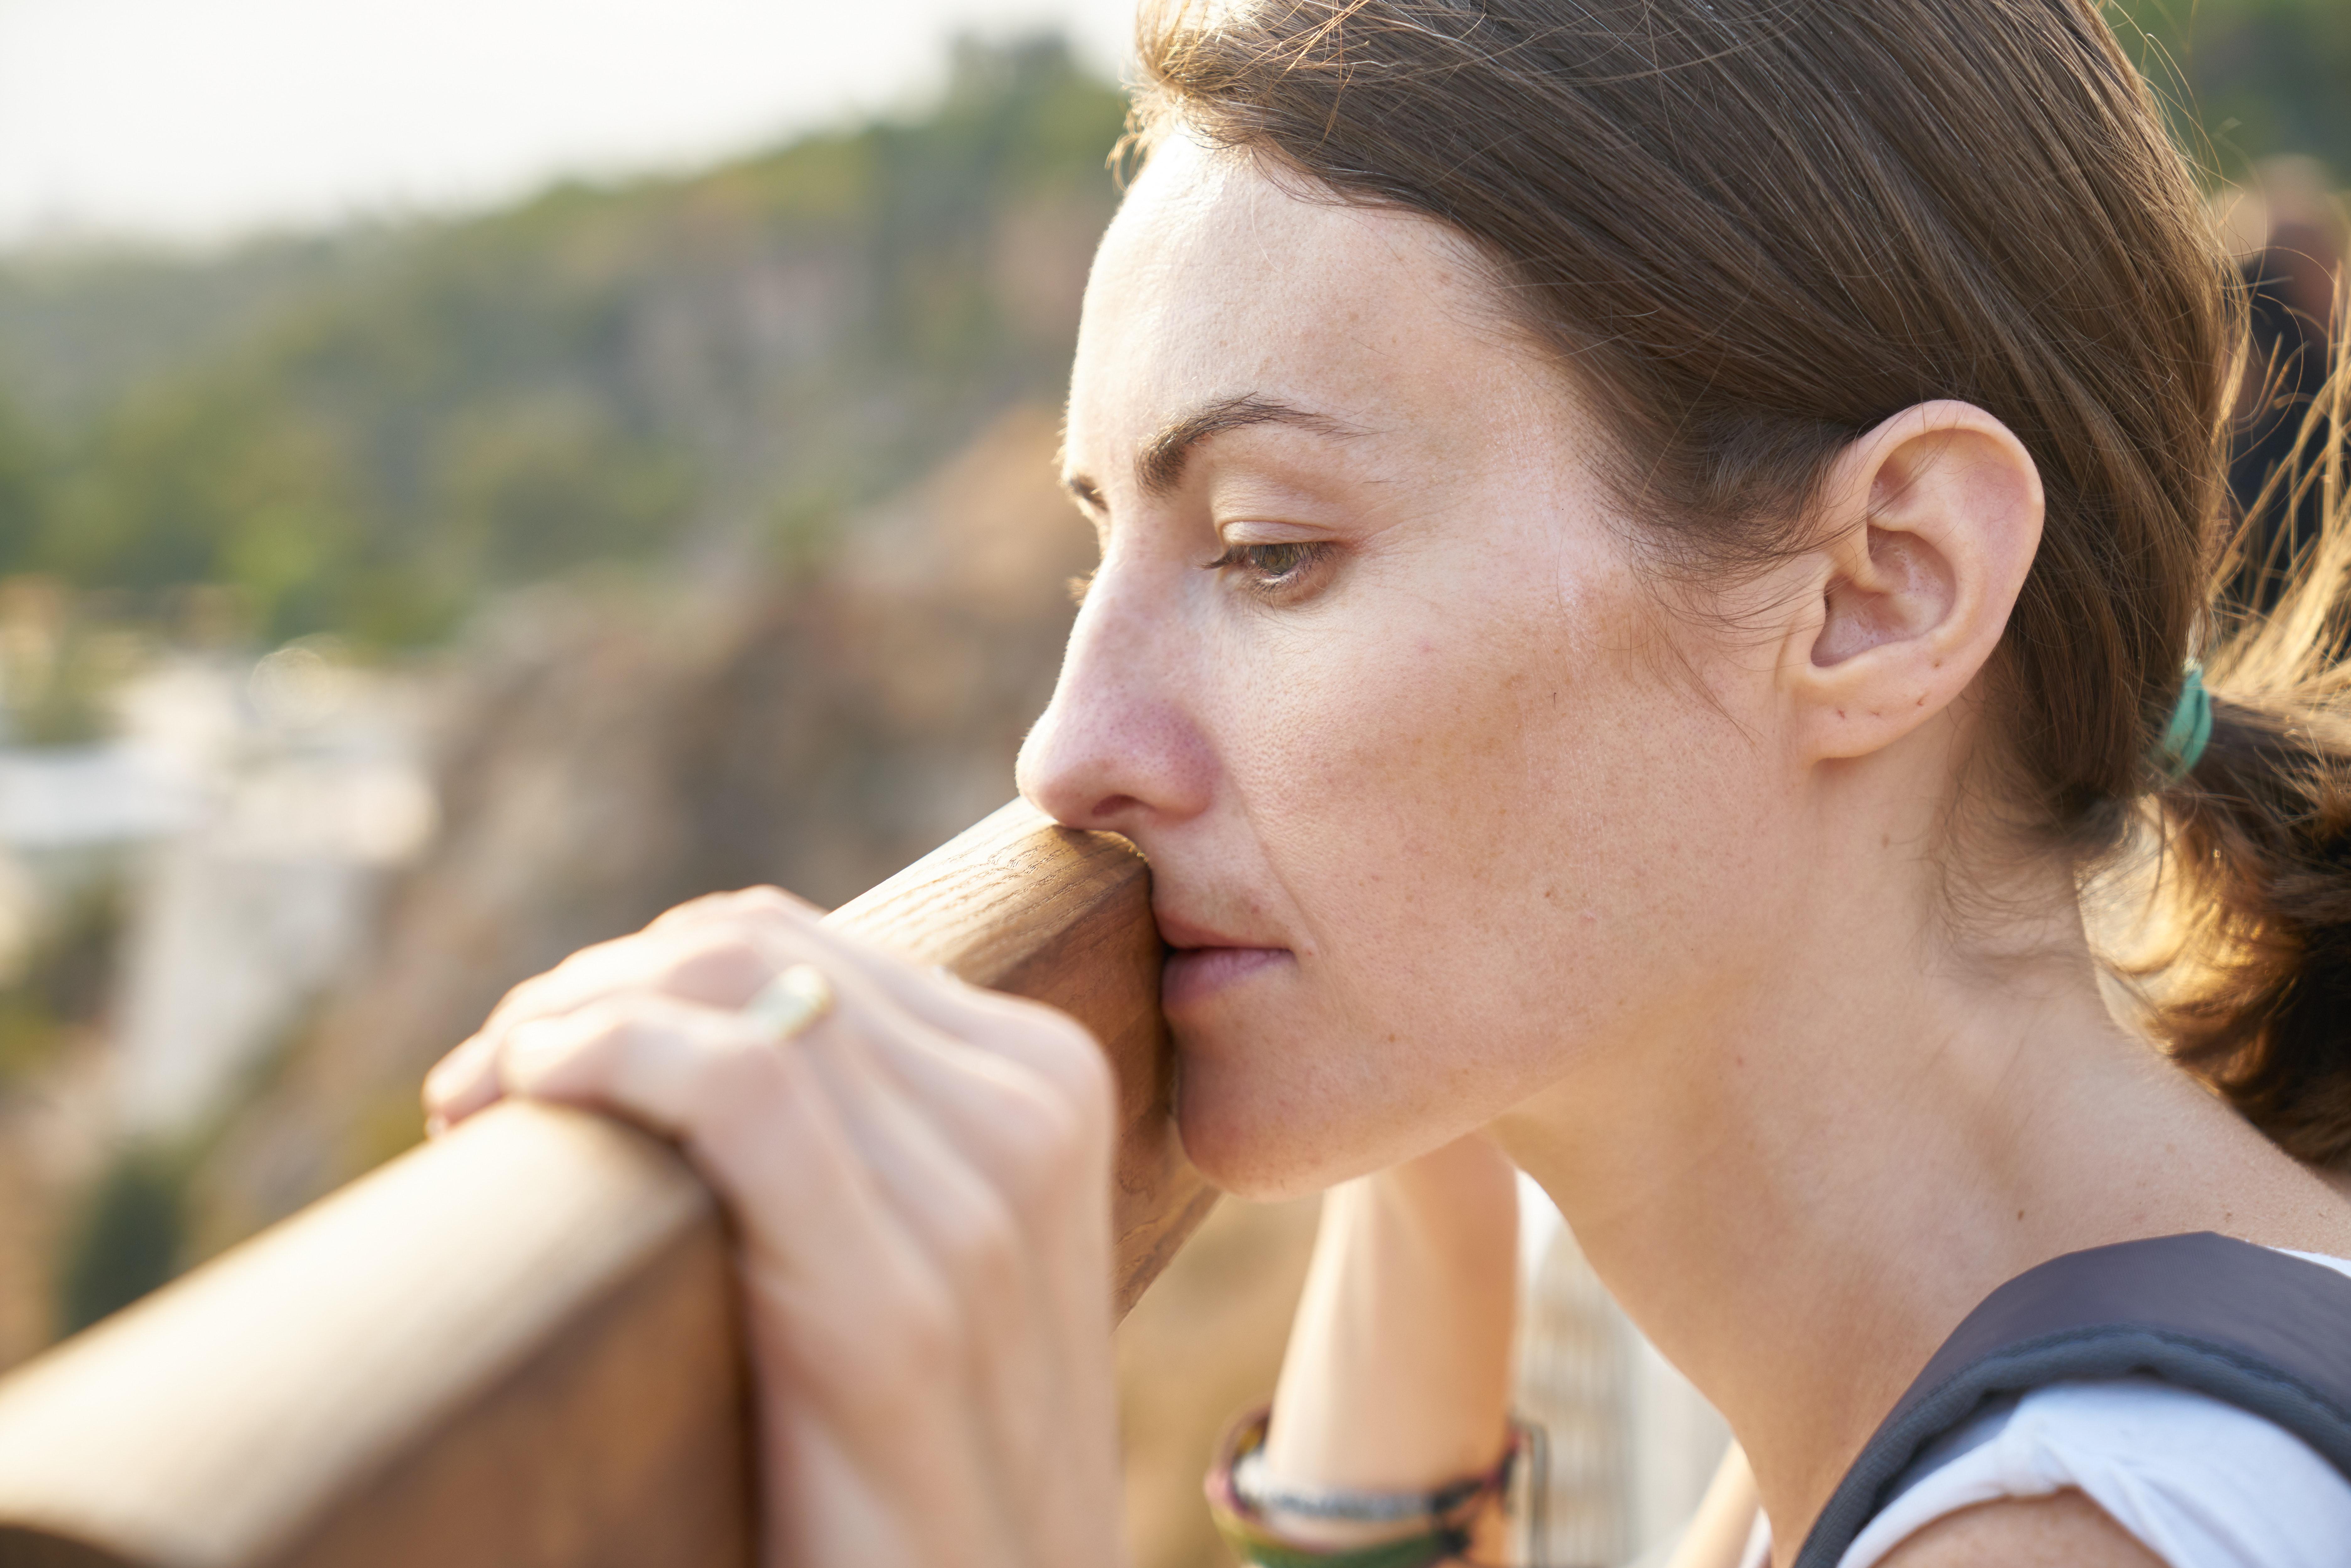 Esclerosis múltiple: conoce esta enfermedad en detalle